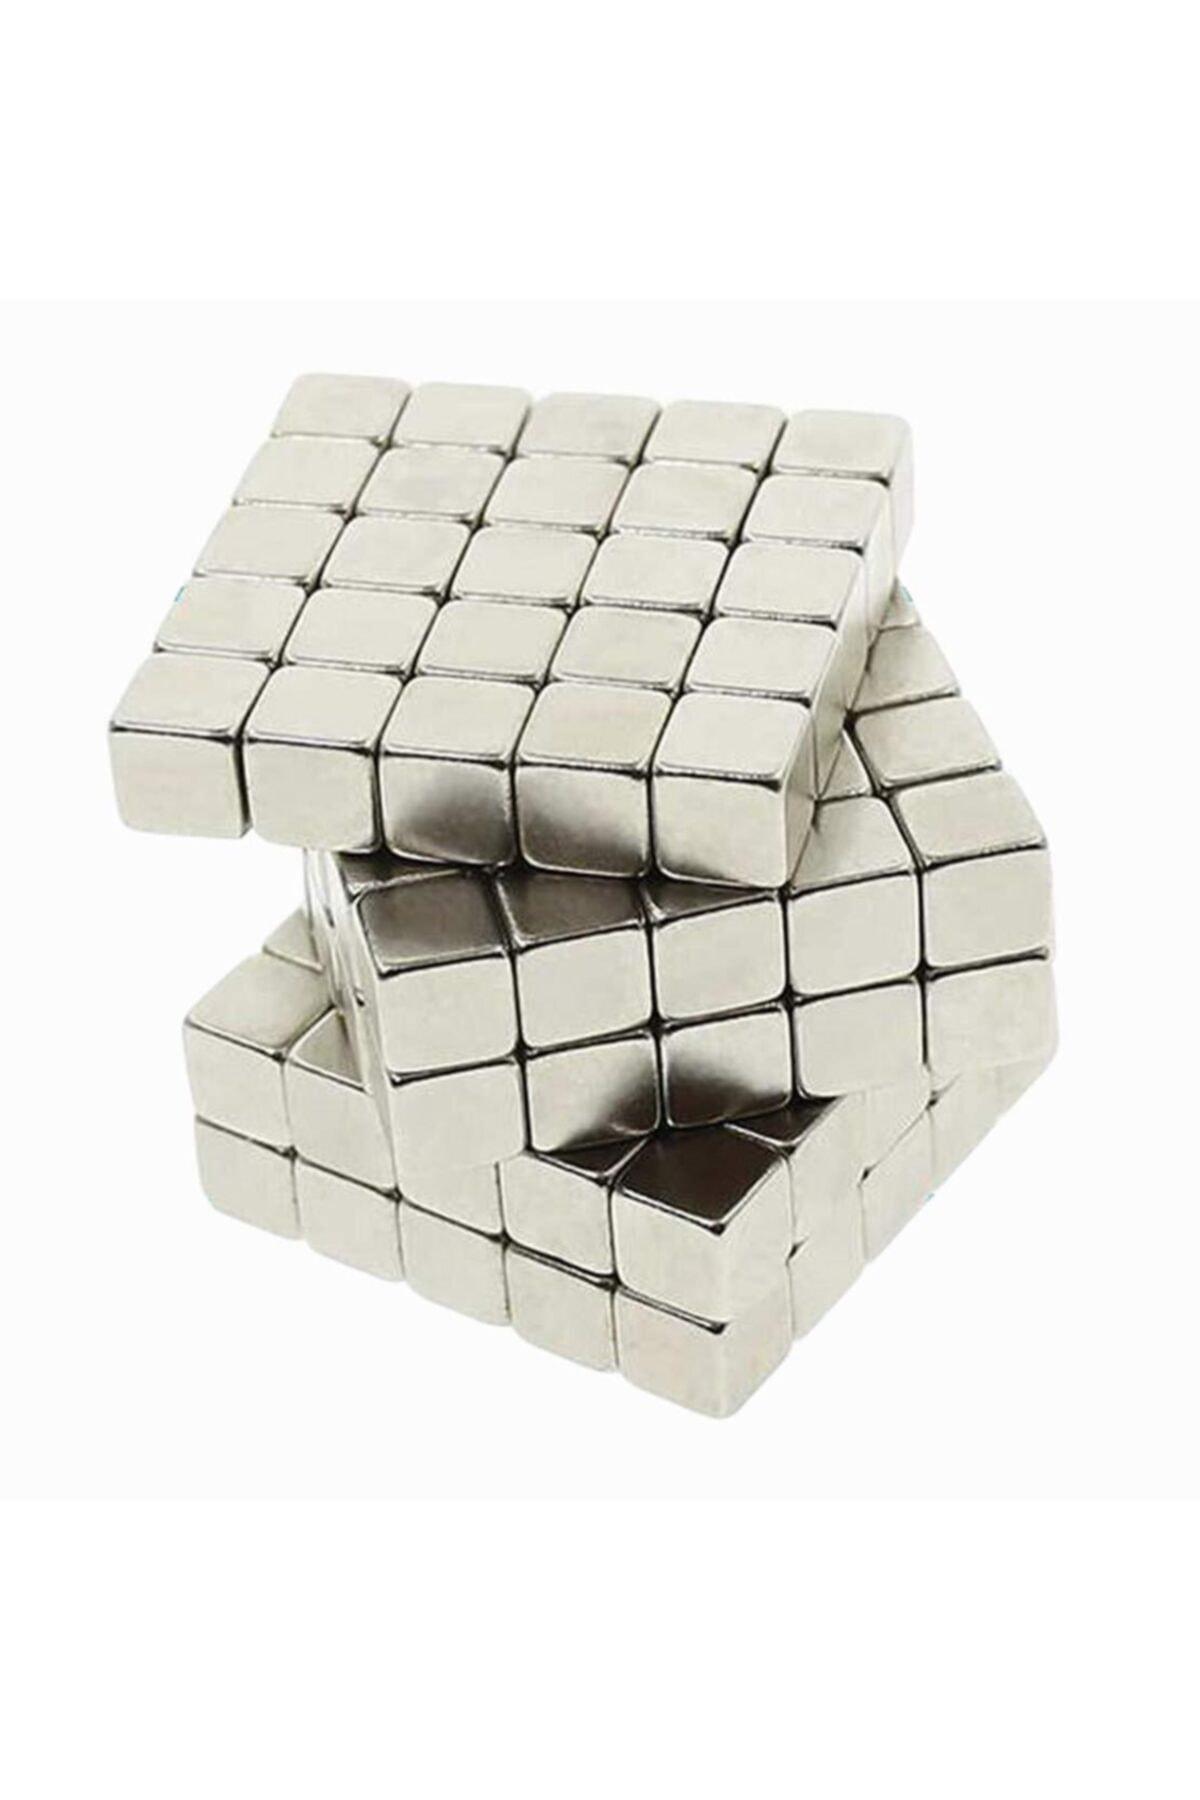 Dünya Magnet 30 Adet 5x5x5 Küp Neodyum Mıknatıs - Güçlü Magnet (30'lu Paket) 2